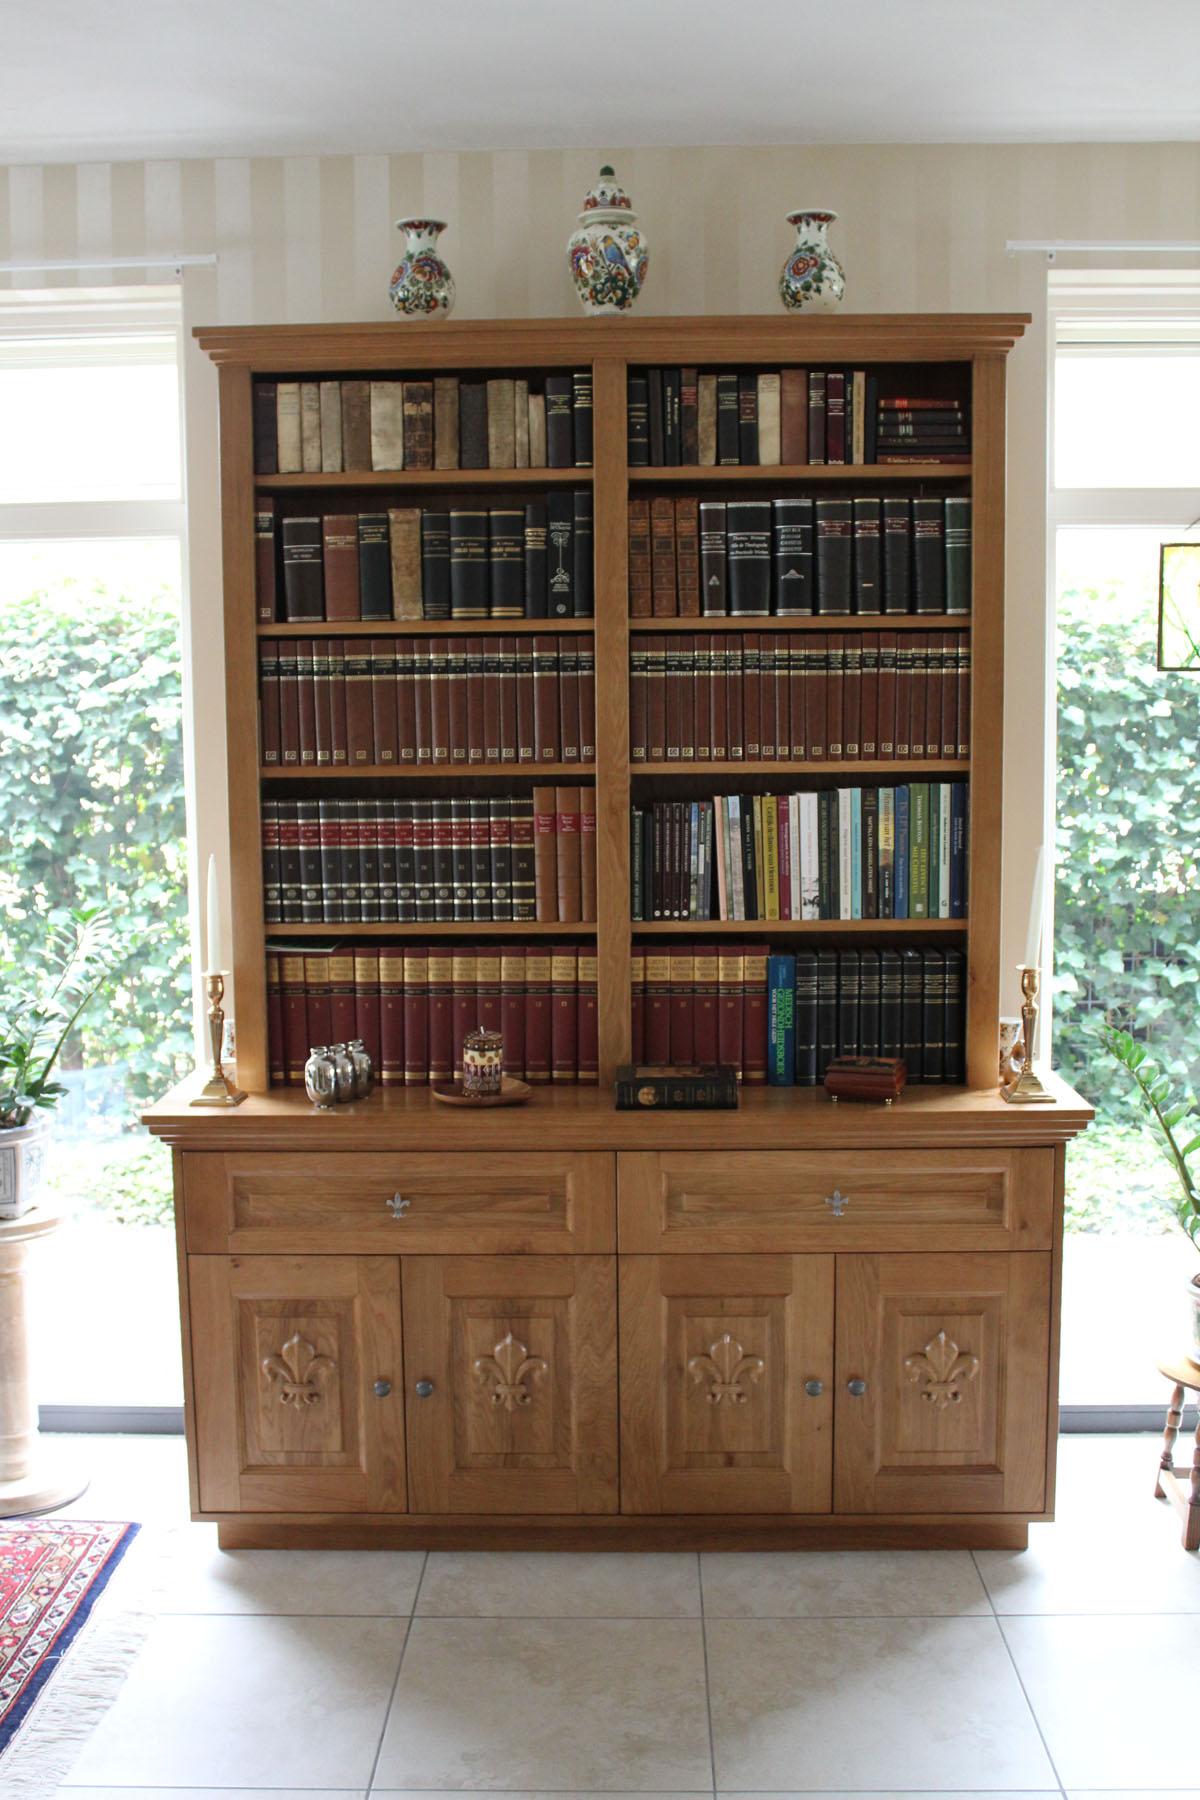 de opdrachtgever had een boekenkast nodig waarbij het ontwerp van de kast bepaald werd door de al aanwezige meubels in licht eiken